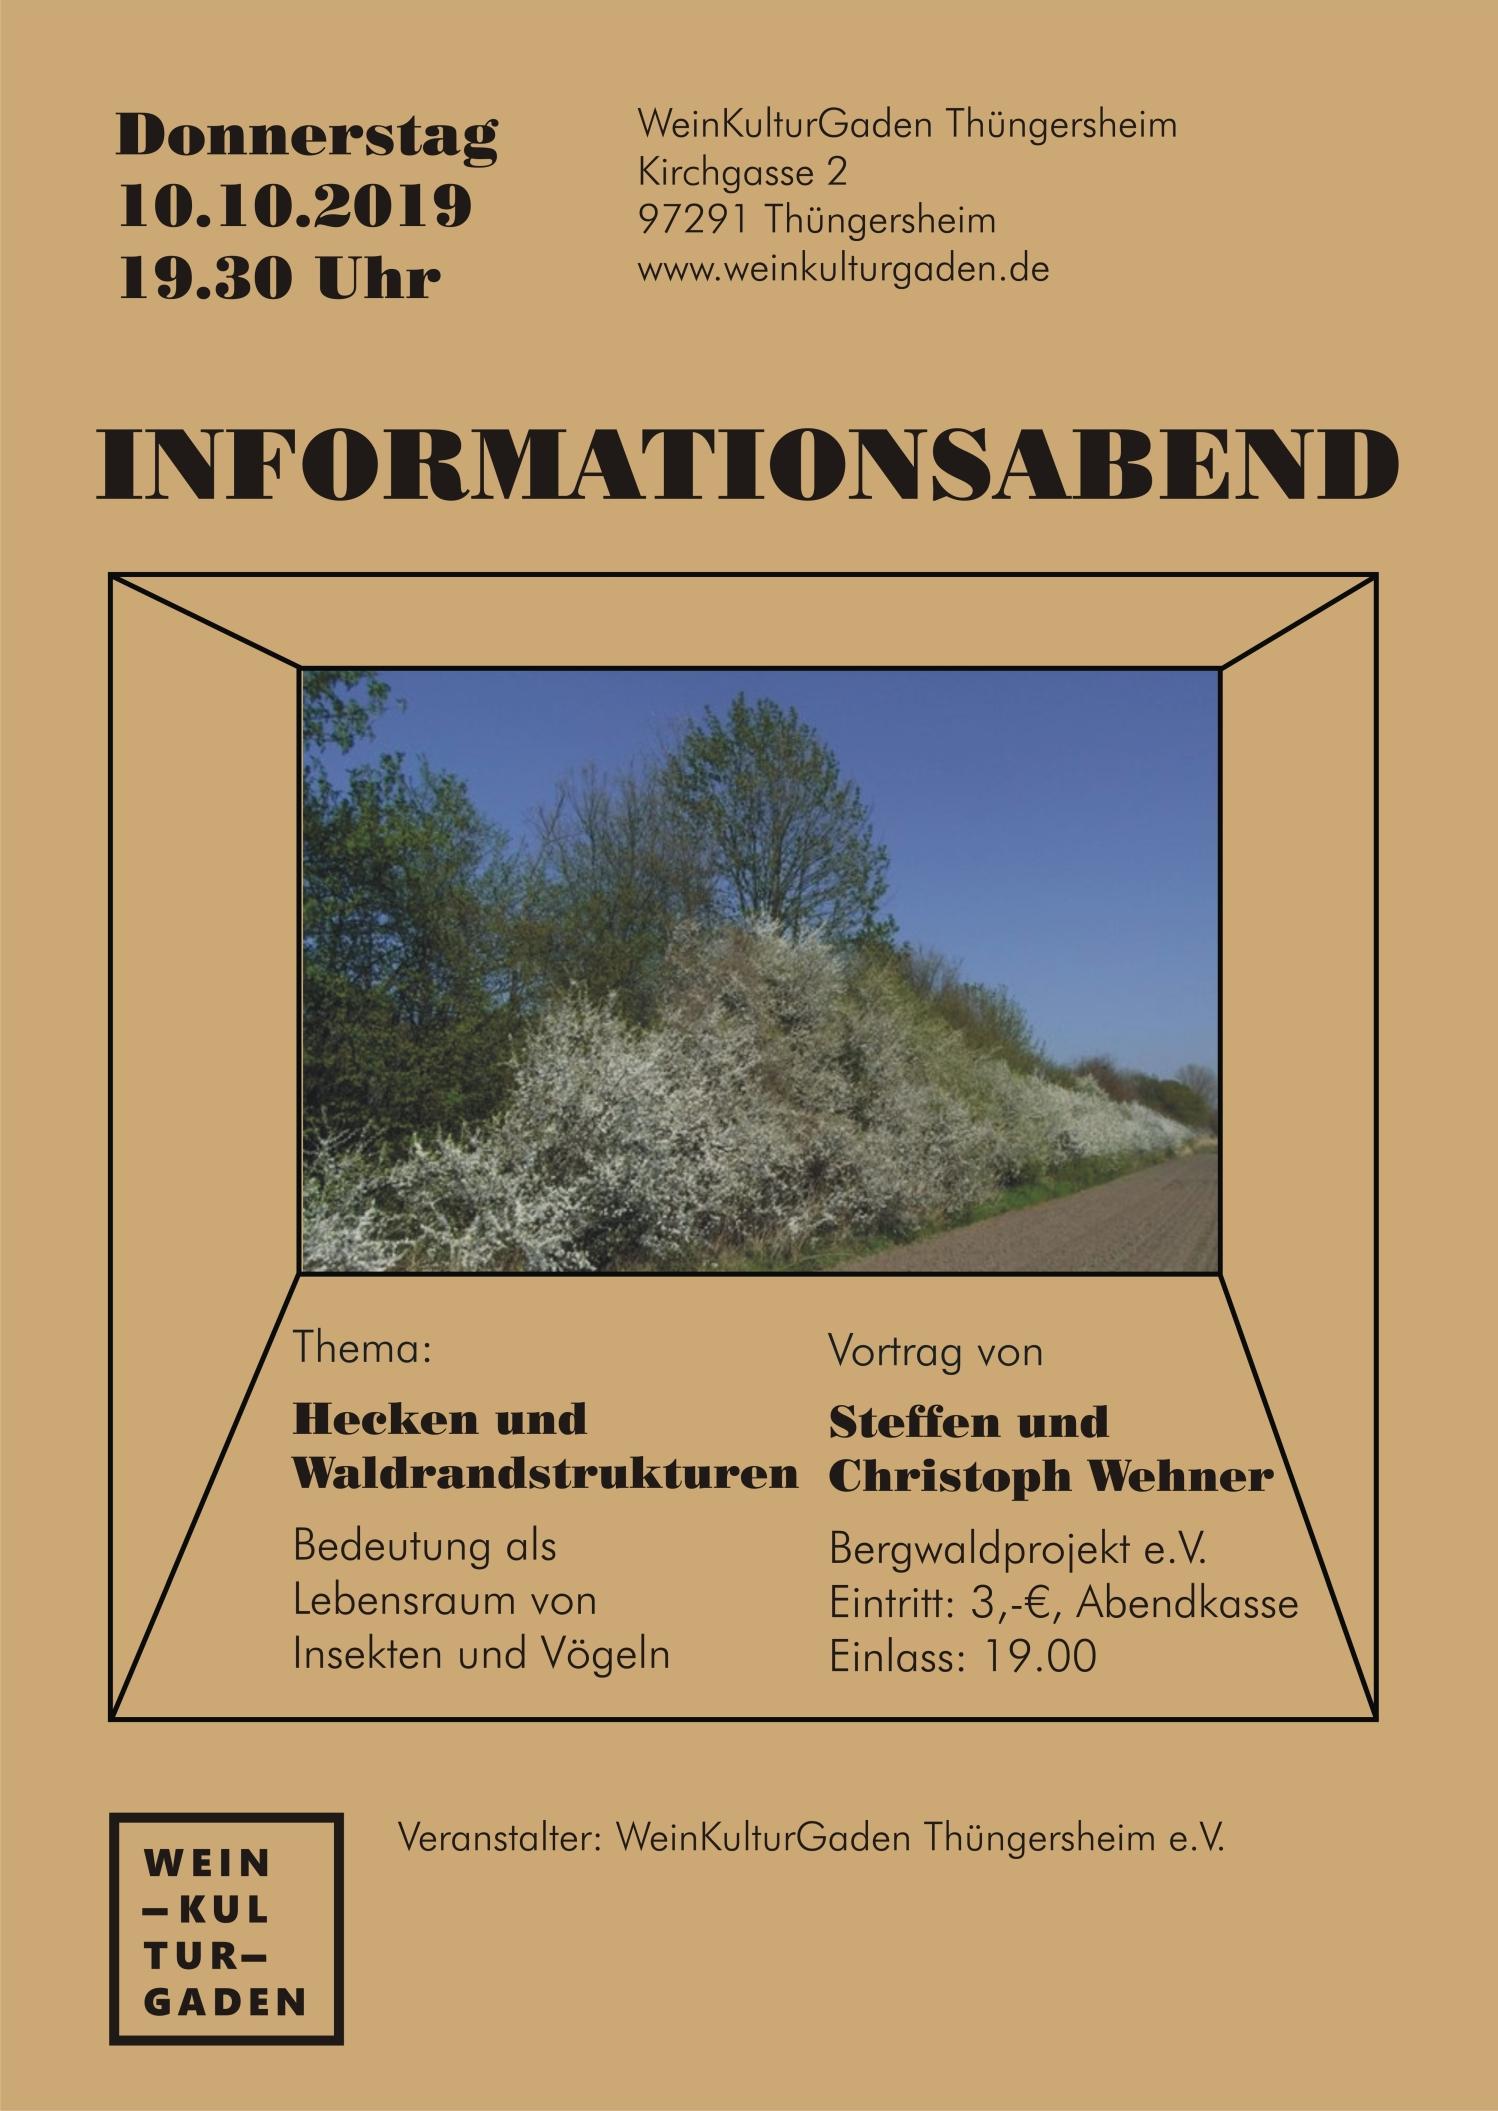 Informationsabend - Hecken und Waldrandstrukturen (Steffen und Christoph Wehner)